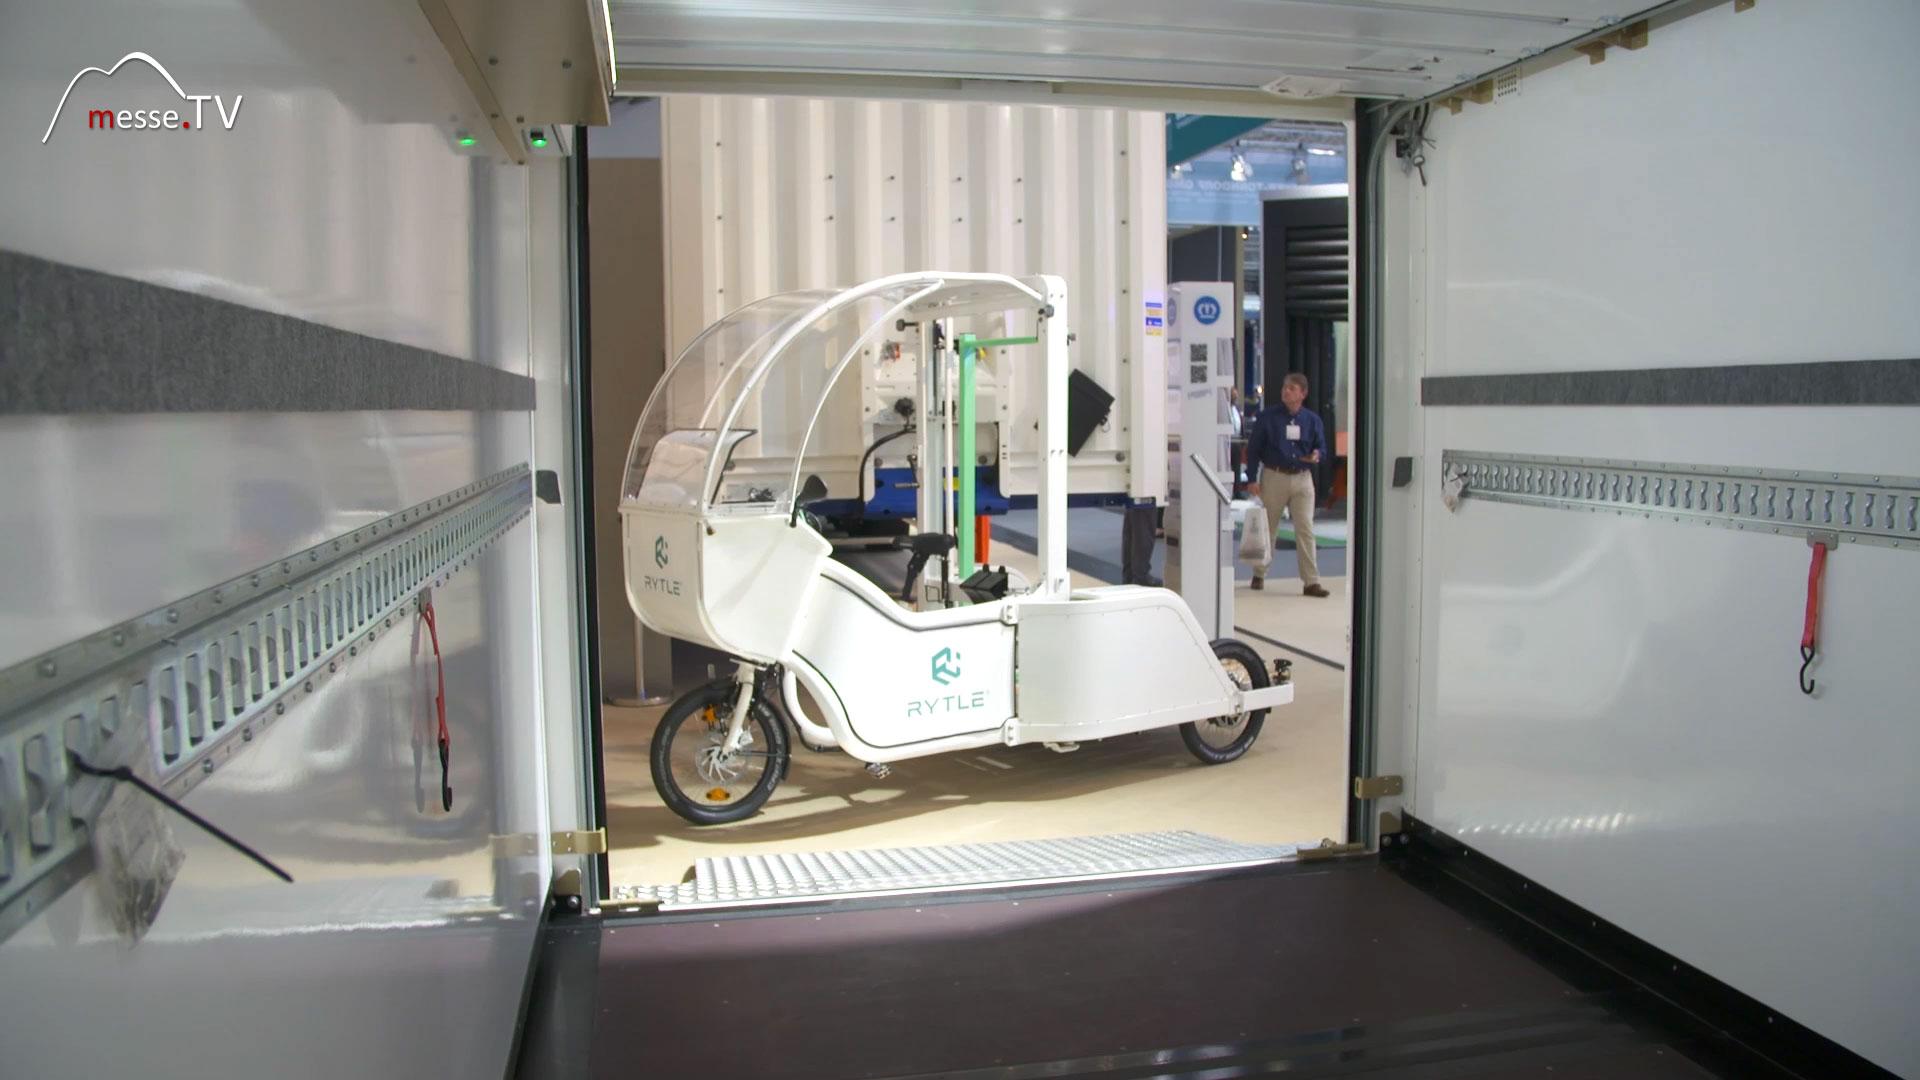 RYTLE Micro-Hub für konfektionierte Boxen zur Auslieferung